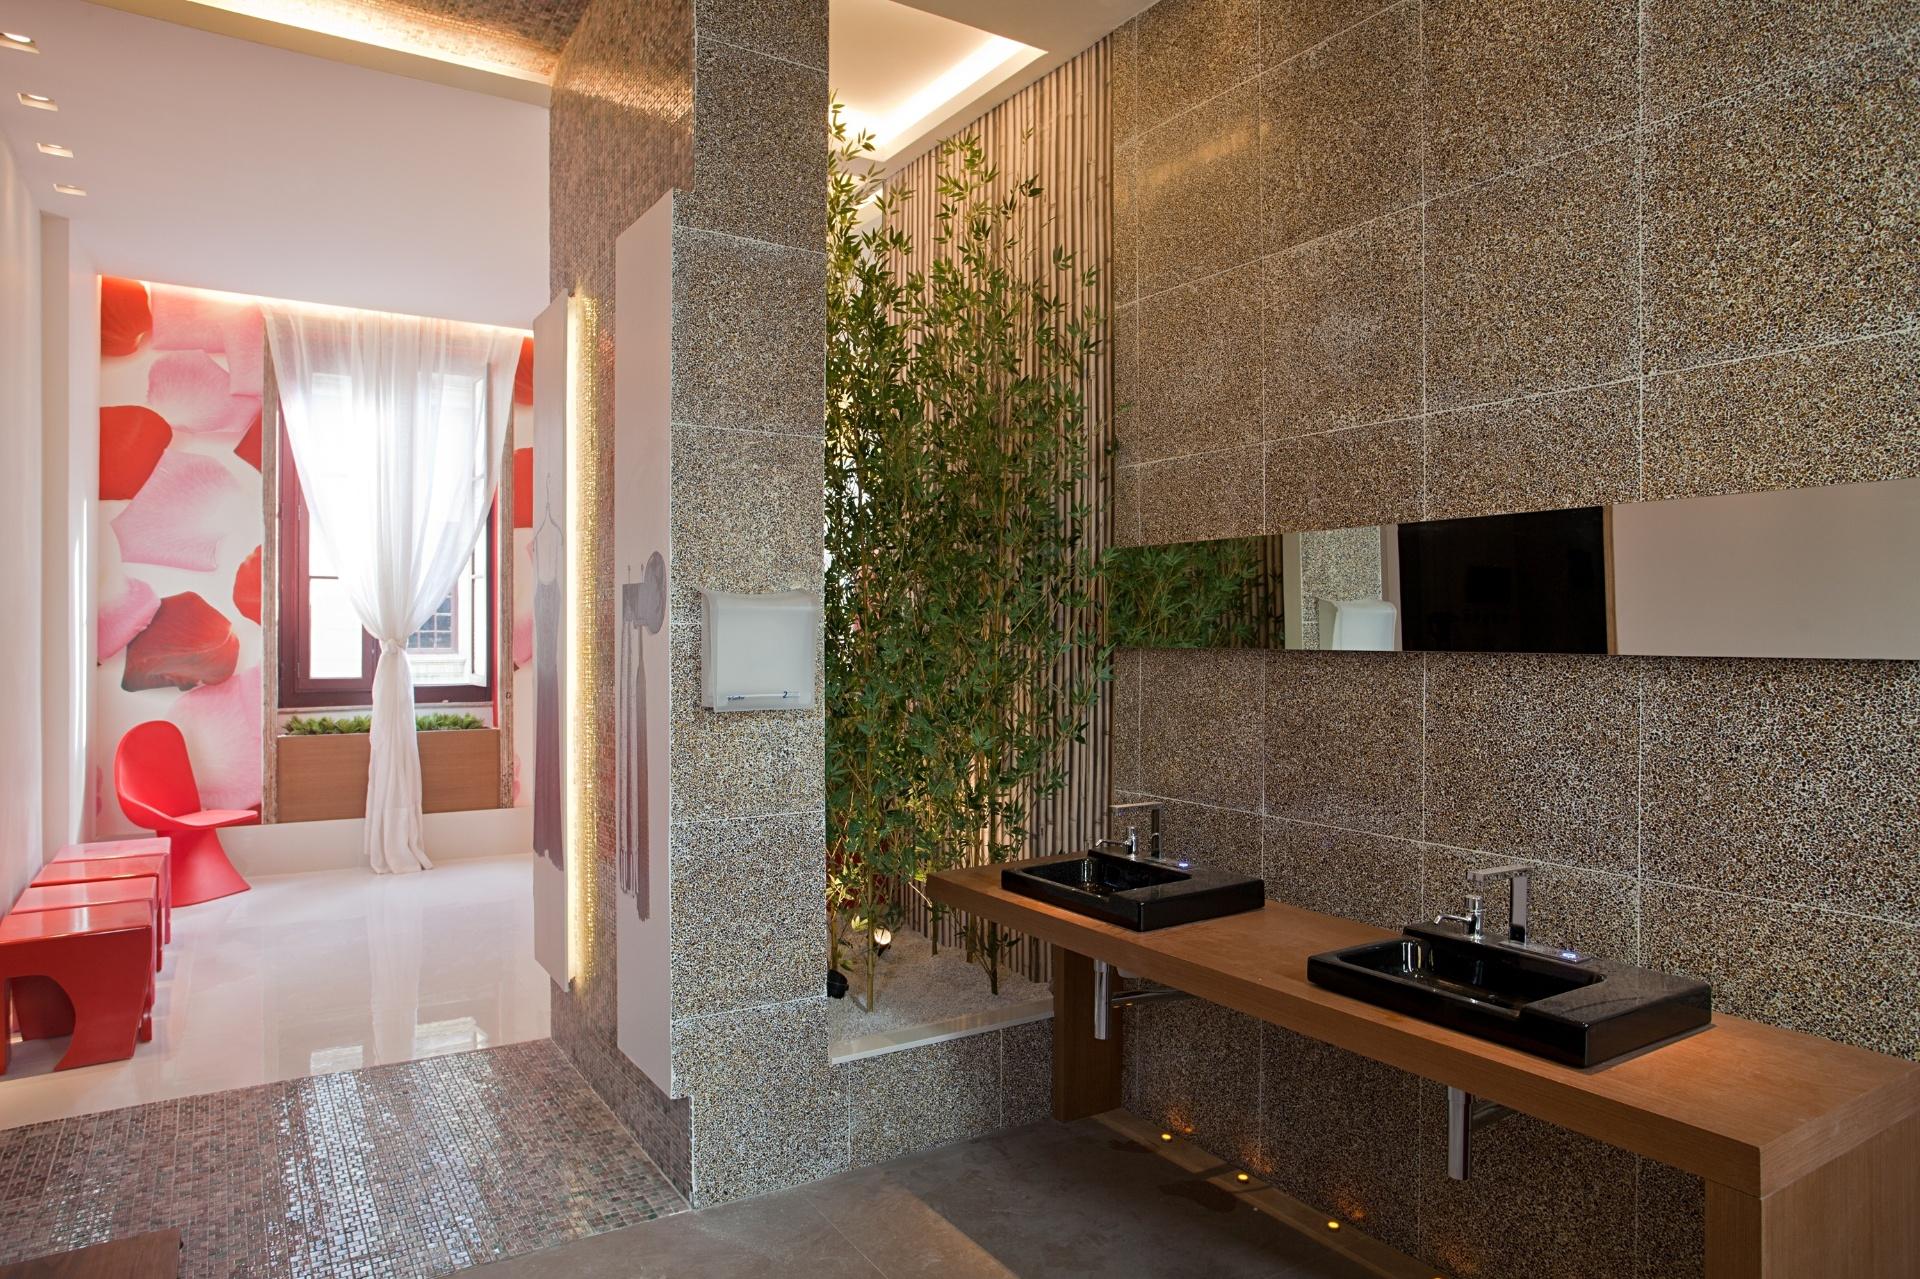 O Banheiro Público (2º pavimento), projetado pela arquiteta Ketlein Amorim, brinca com o